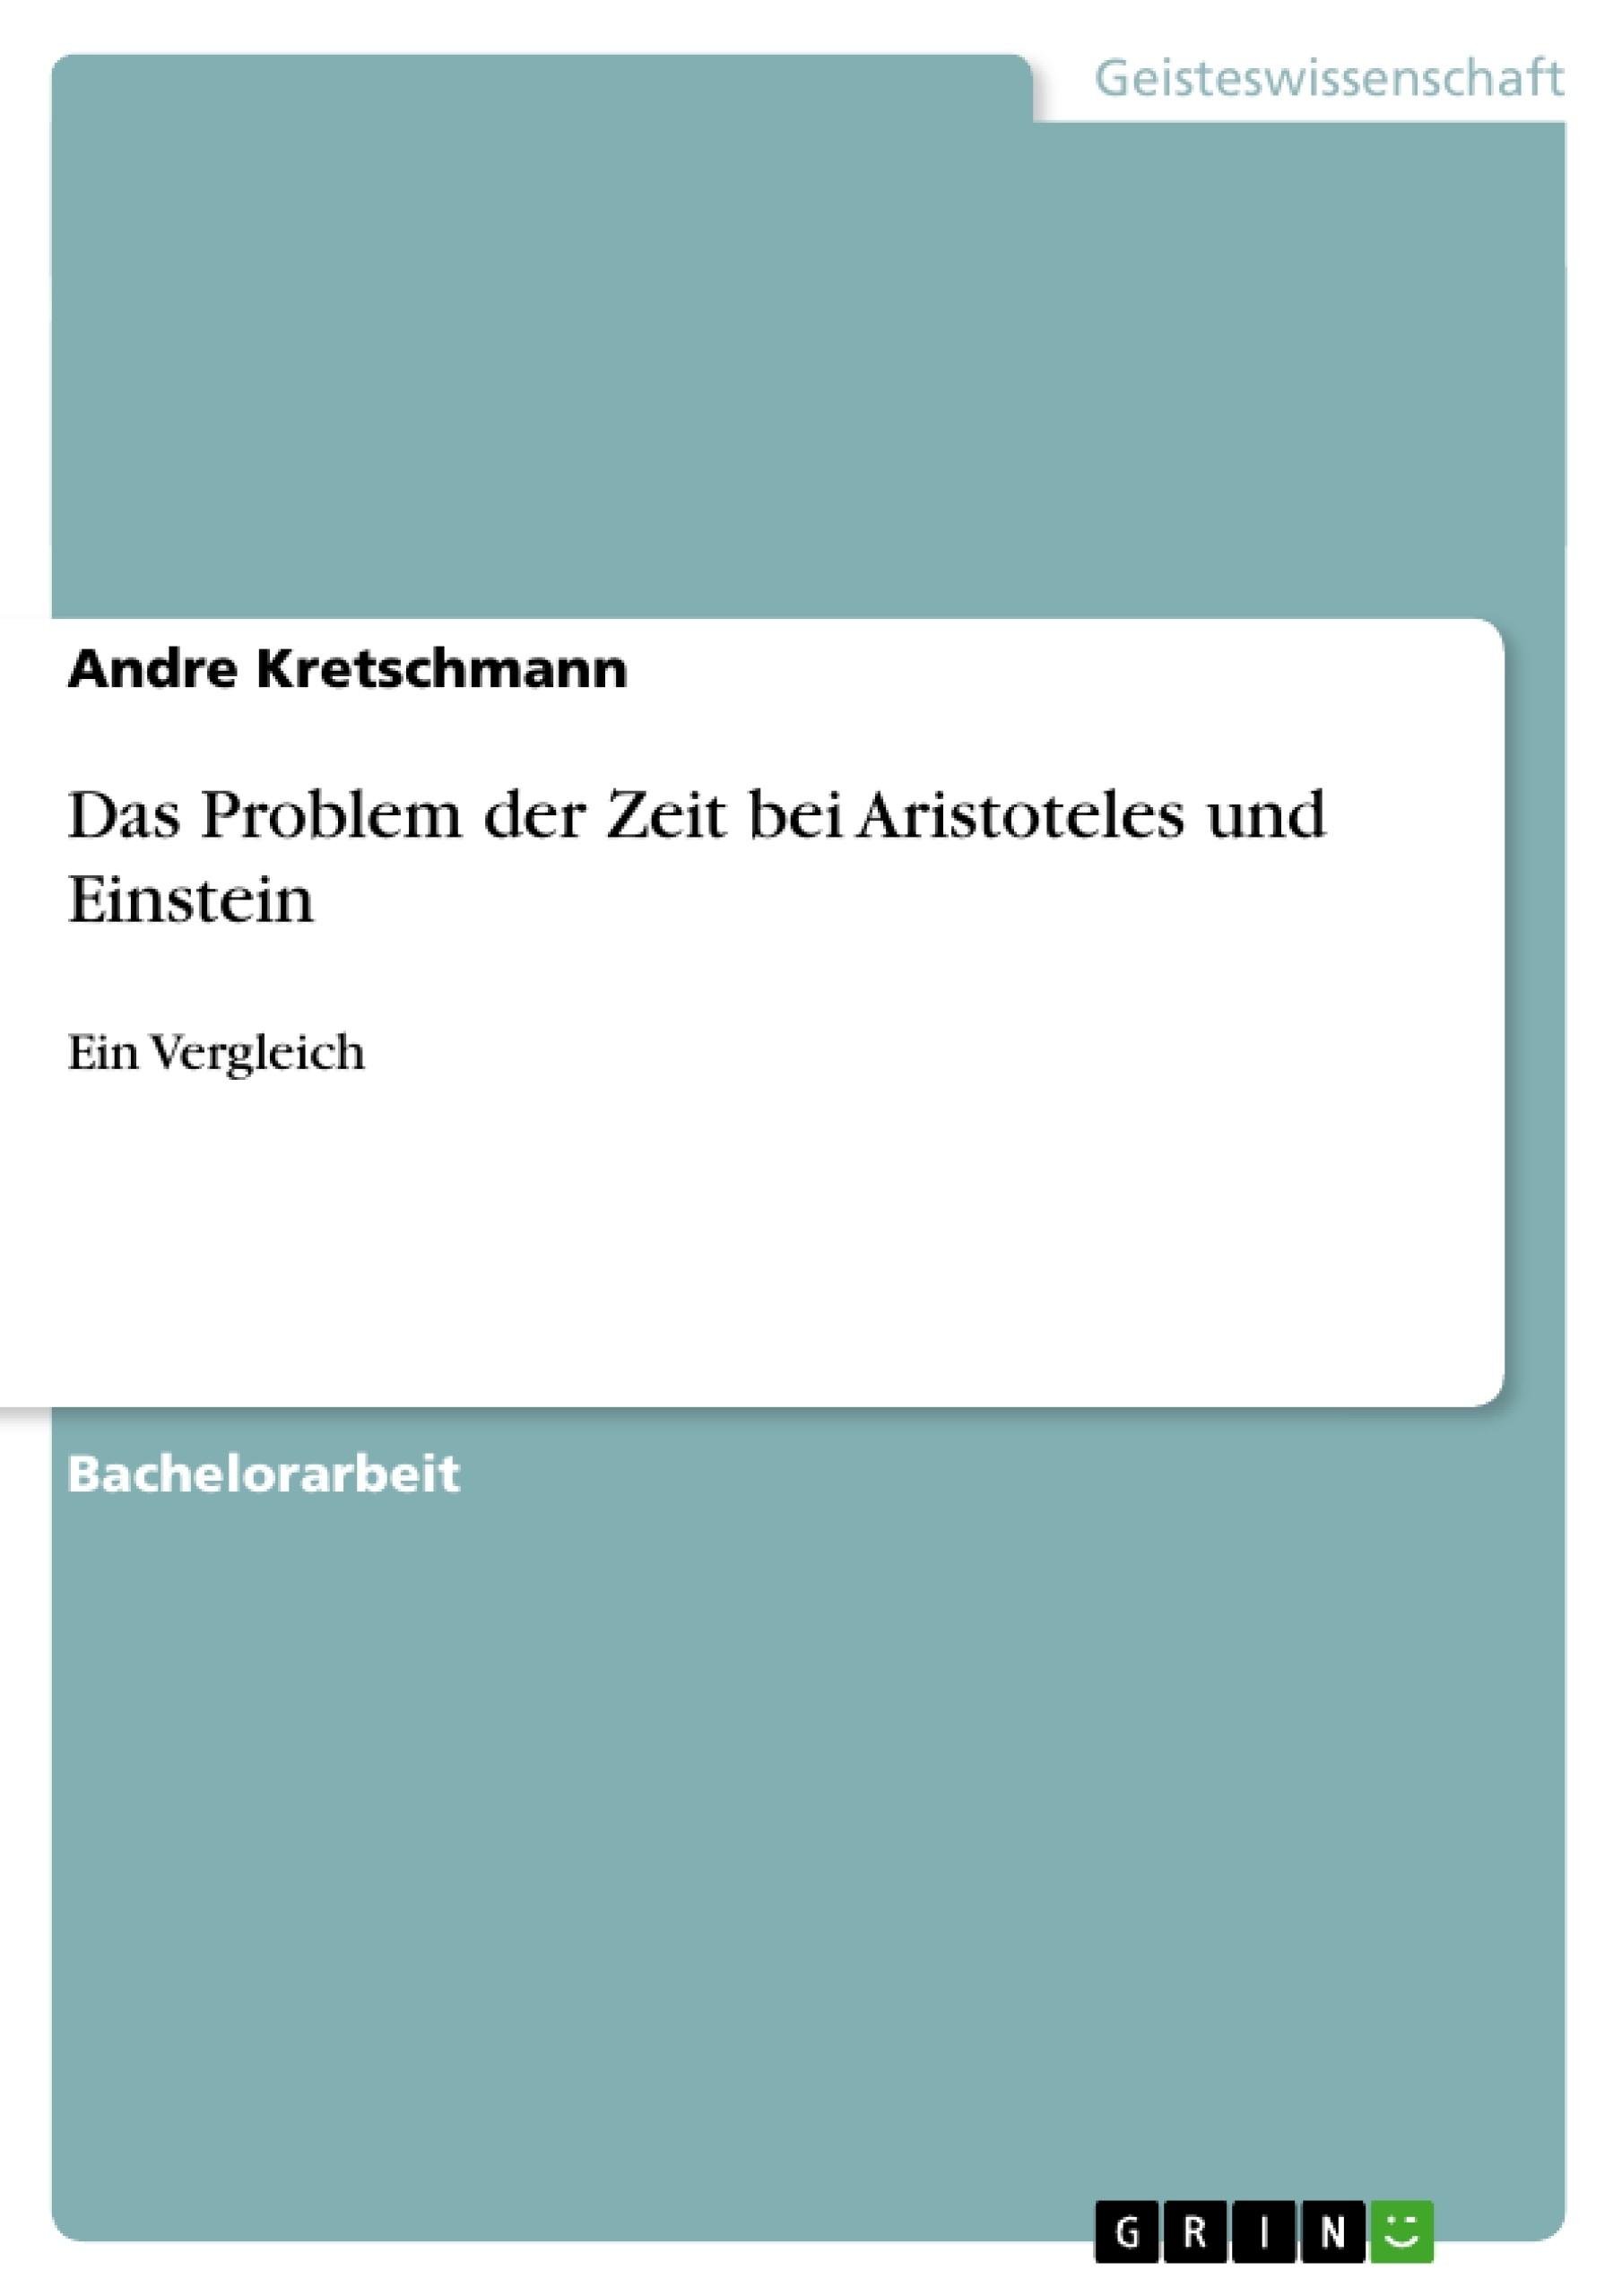 Titel: Das Problem der Zeit bei Aristoteles und Einstein